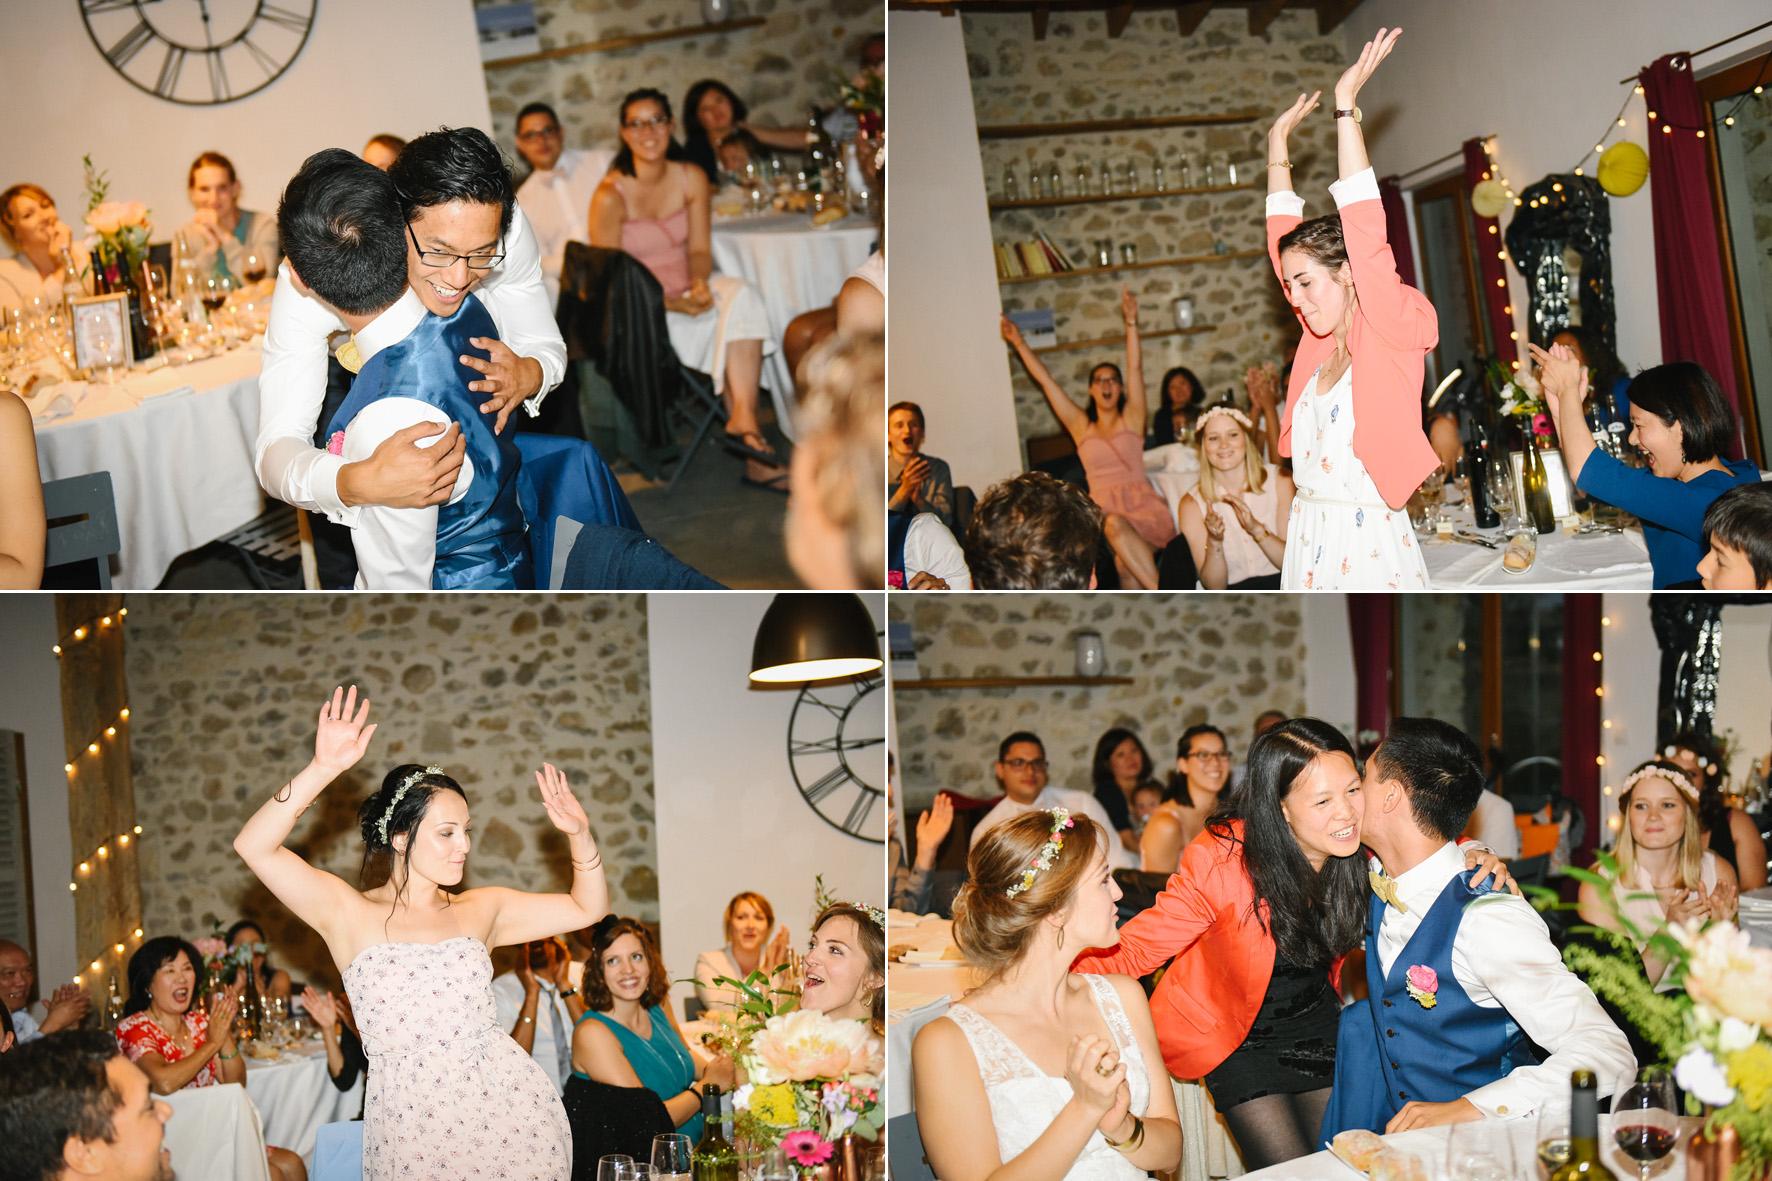 mariage_LW_domaine de la Pepiniere_seine-et-marne_77_photographie_clemence_dubois MEP29